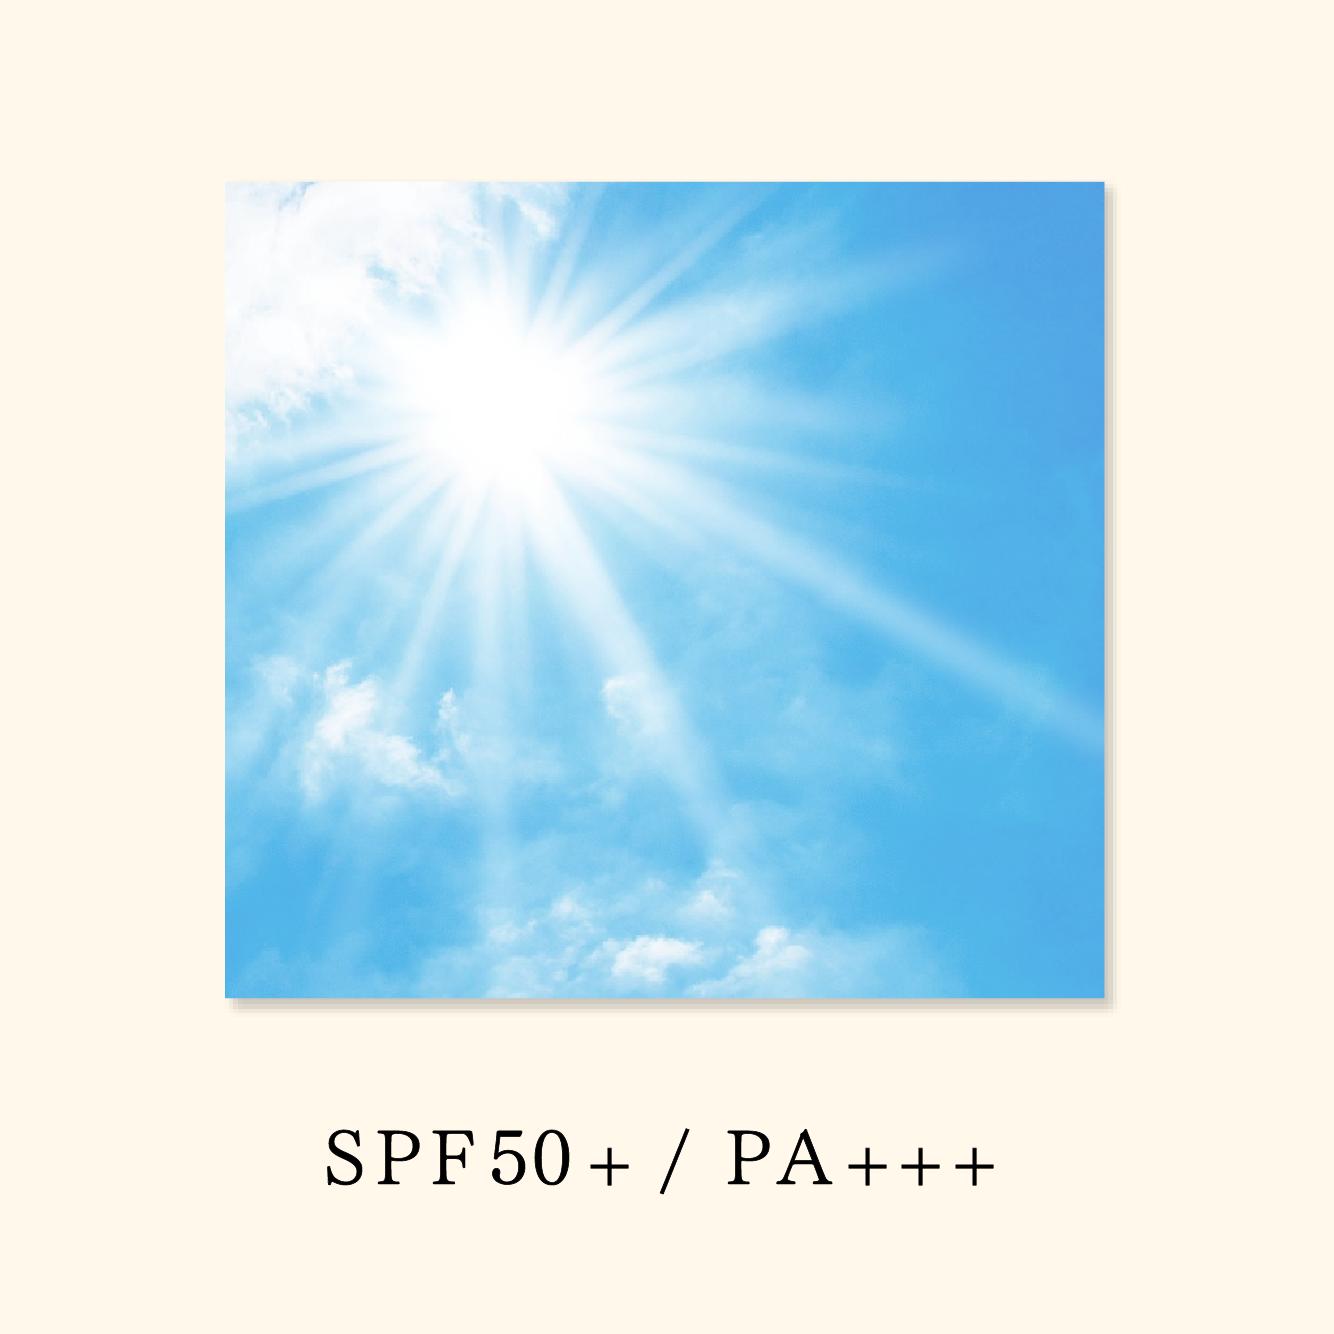 ネオカバーのクチコミをPICK UP�B SPF50+ PA+++ と崩れにくさに注目!